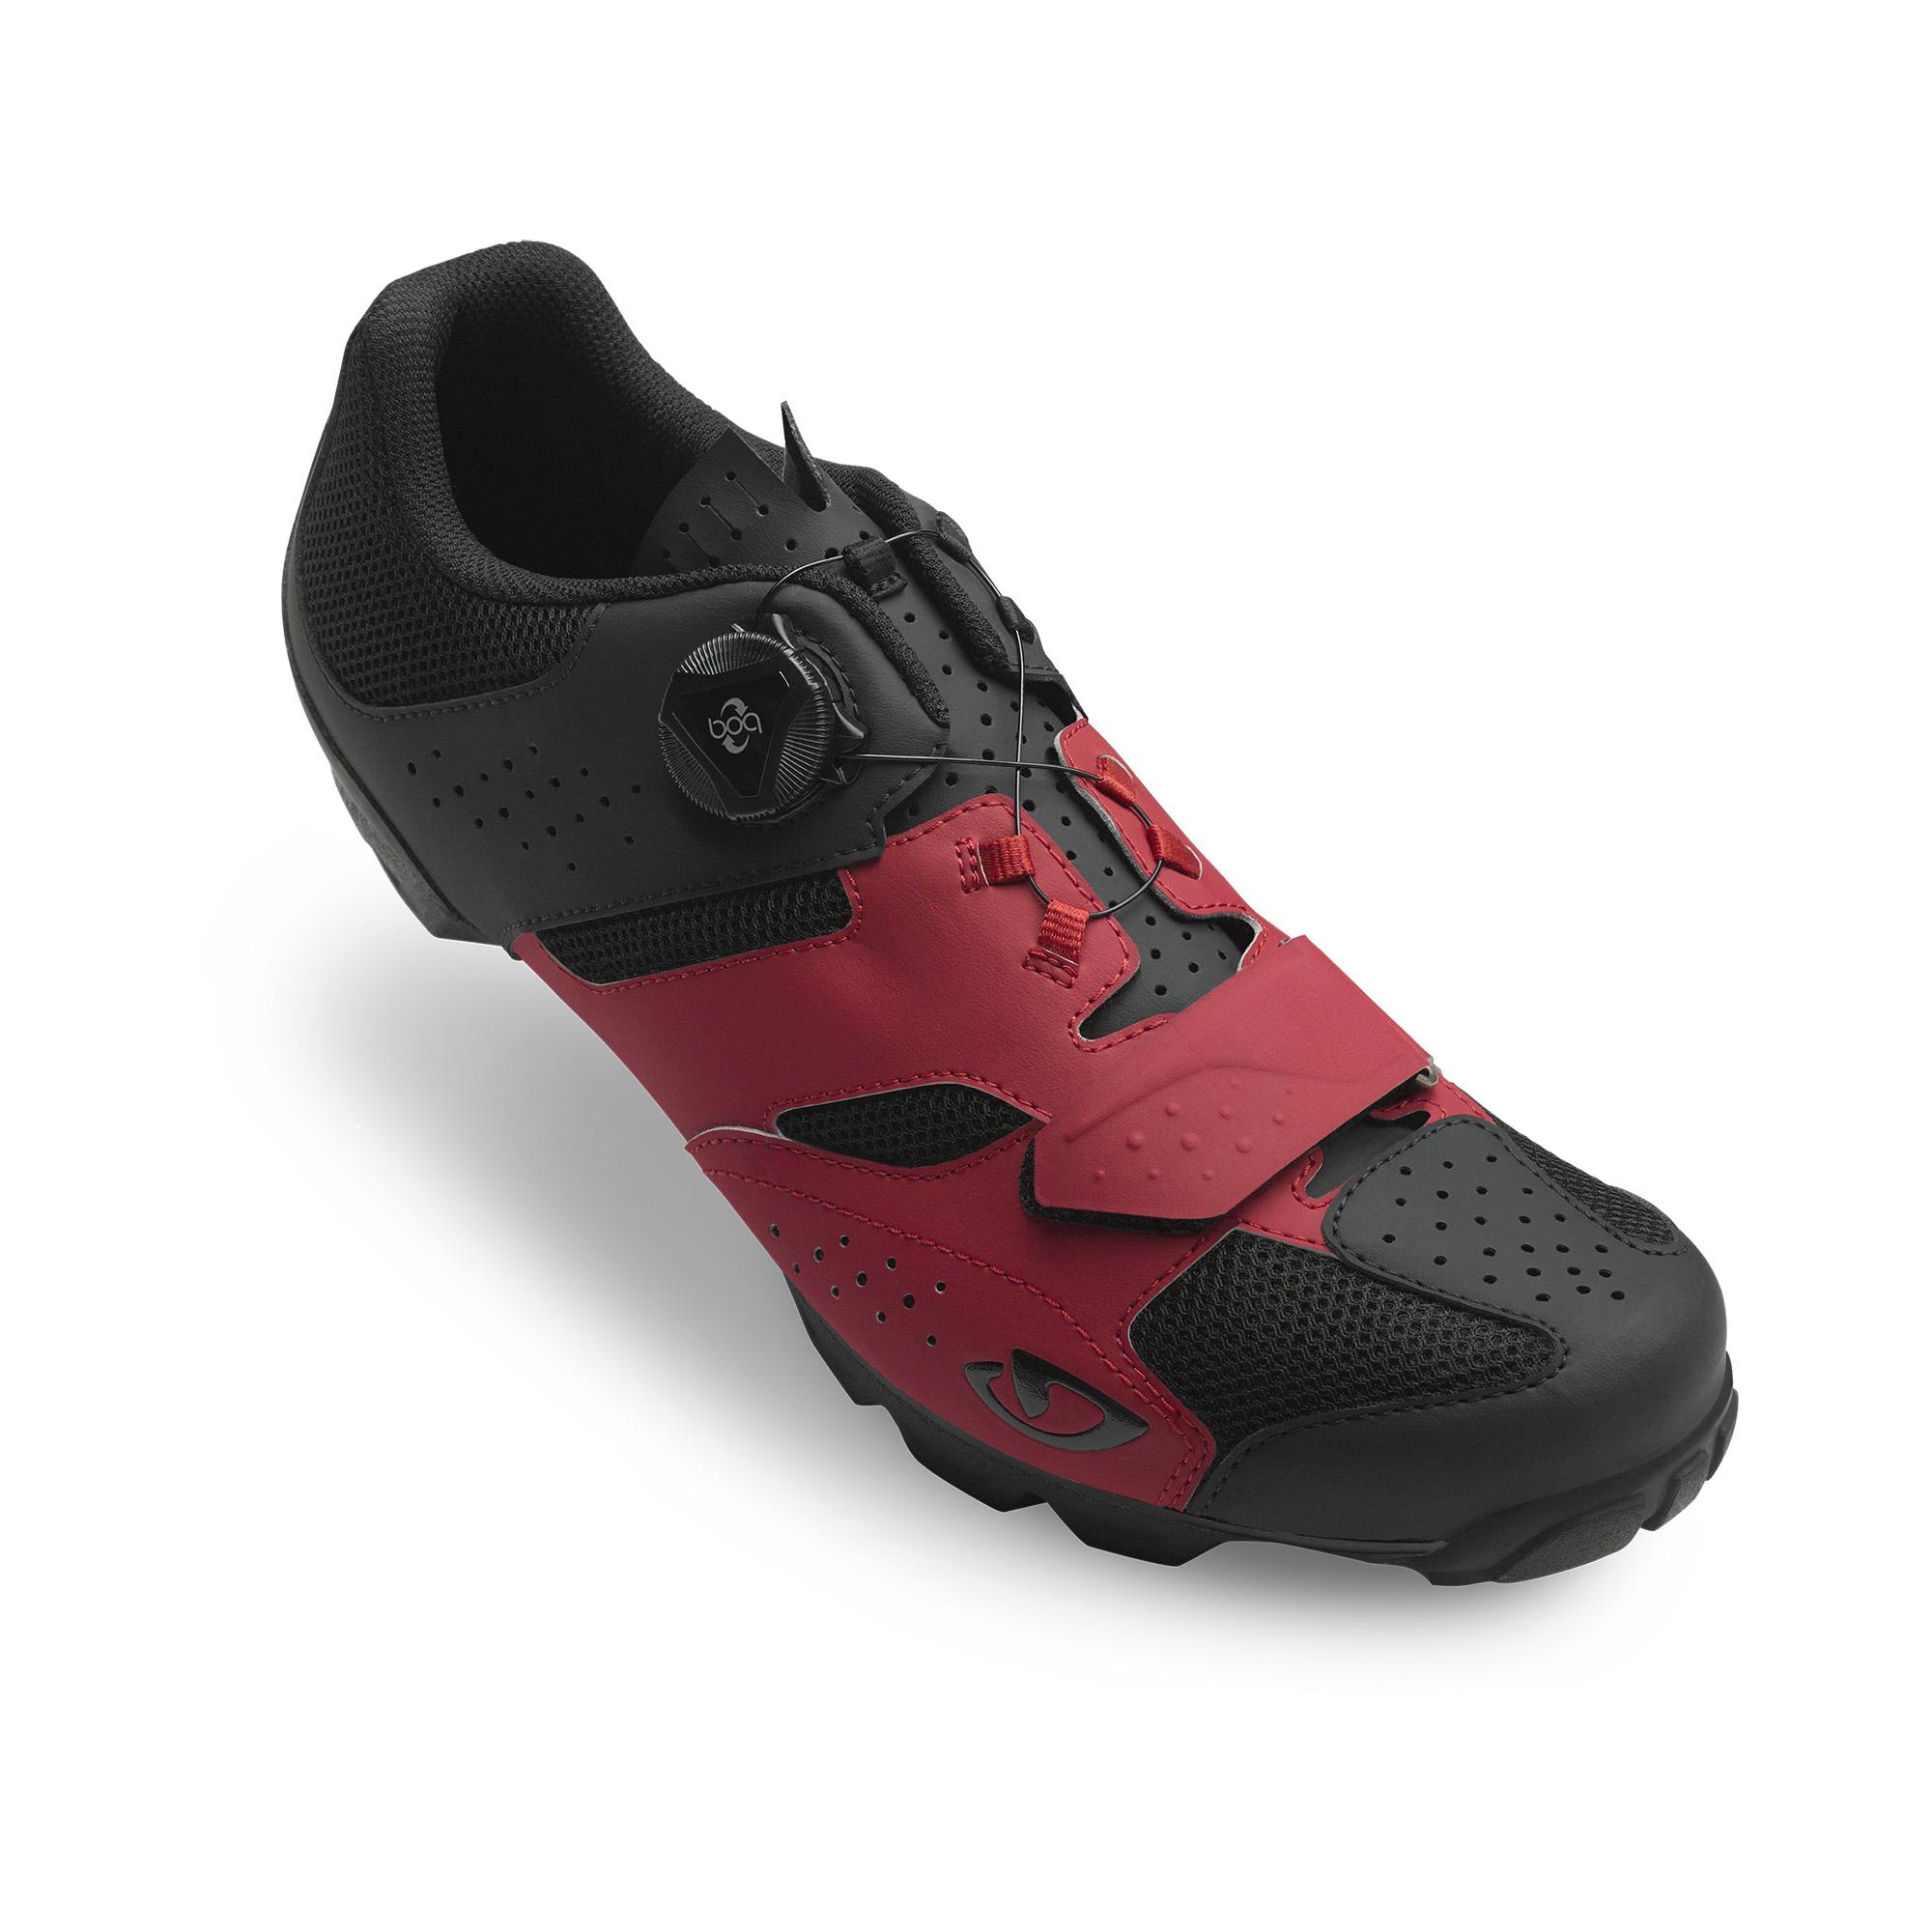 GIRO | CYLINDER MTB shoe